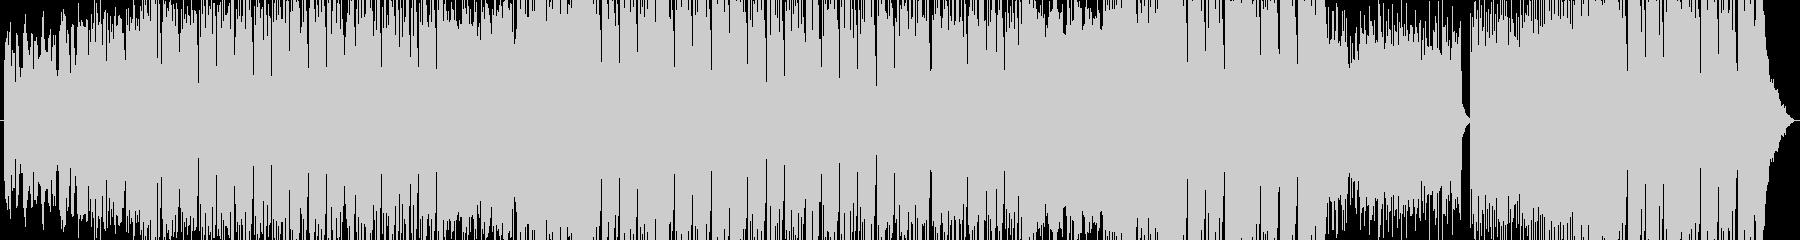 ミドルテンポの煌びやかエレクトロソングの未再生の波形